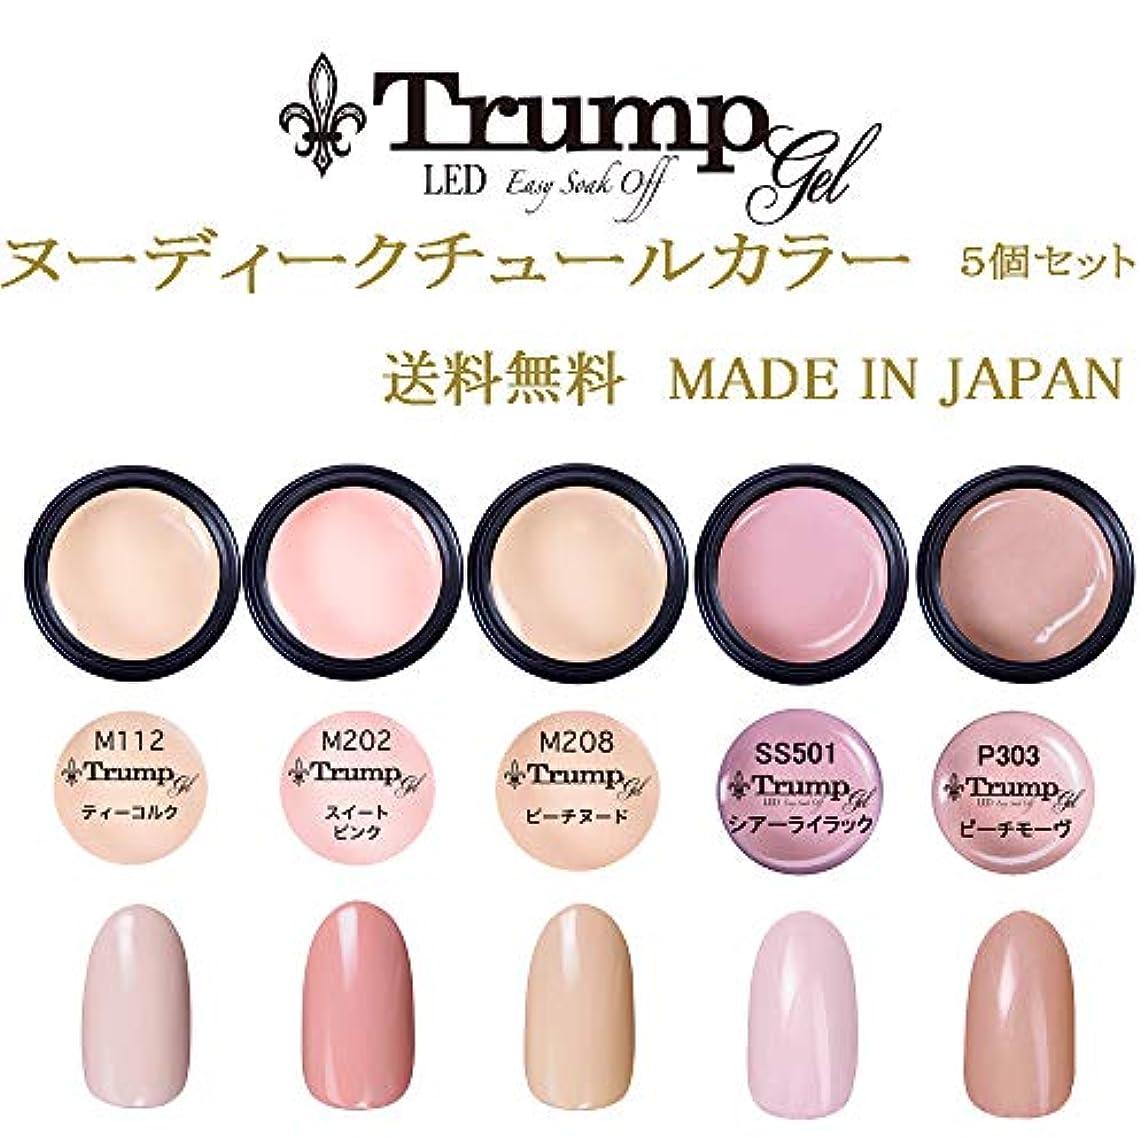 無傷次へルーム【送料無料】日本製 Trump gel トランプジェルヌーディクチュールカラージェル 5個セット肌馴染みの良い ヌーデイクチュールカラージェルセット